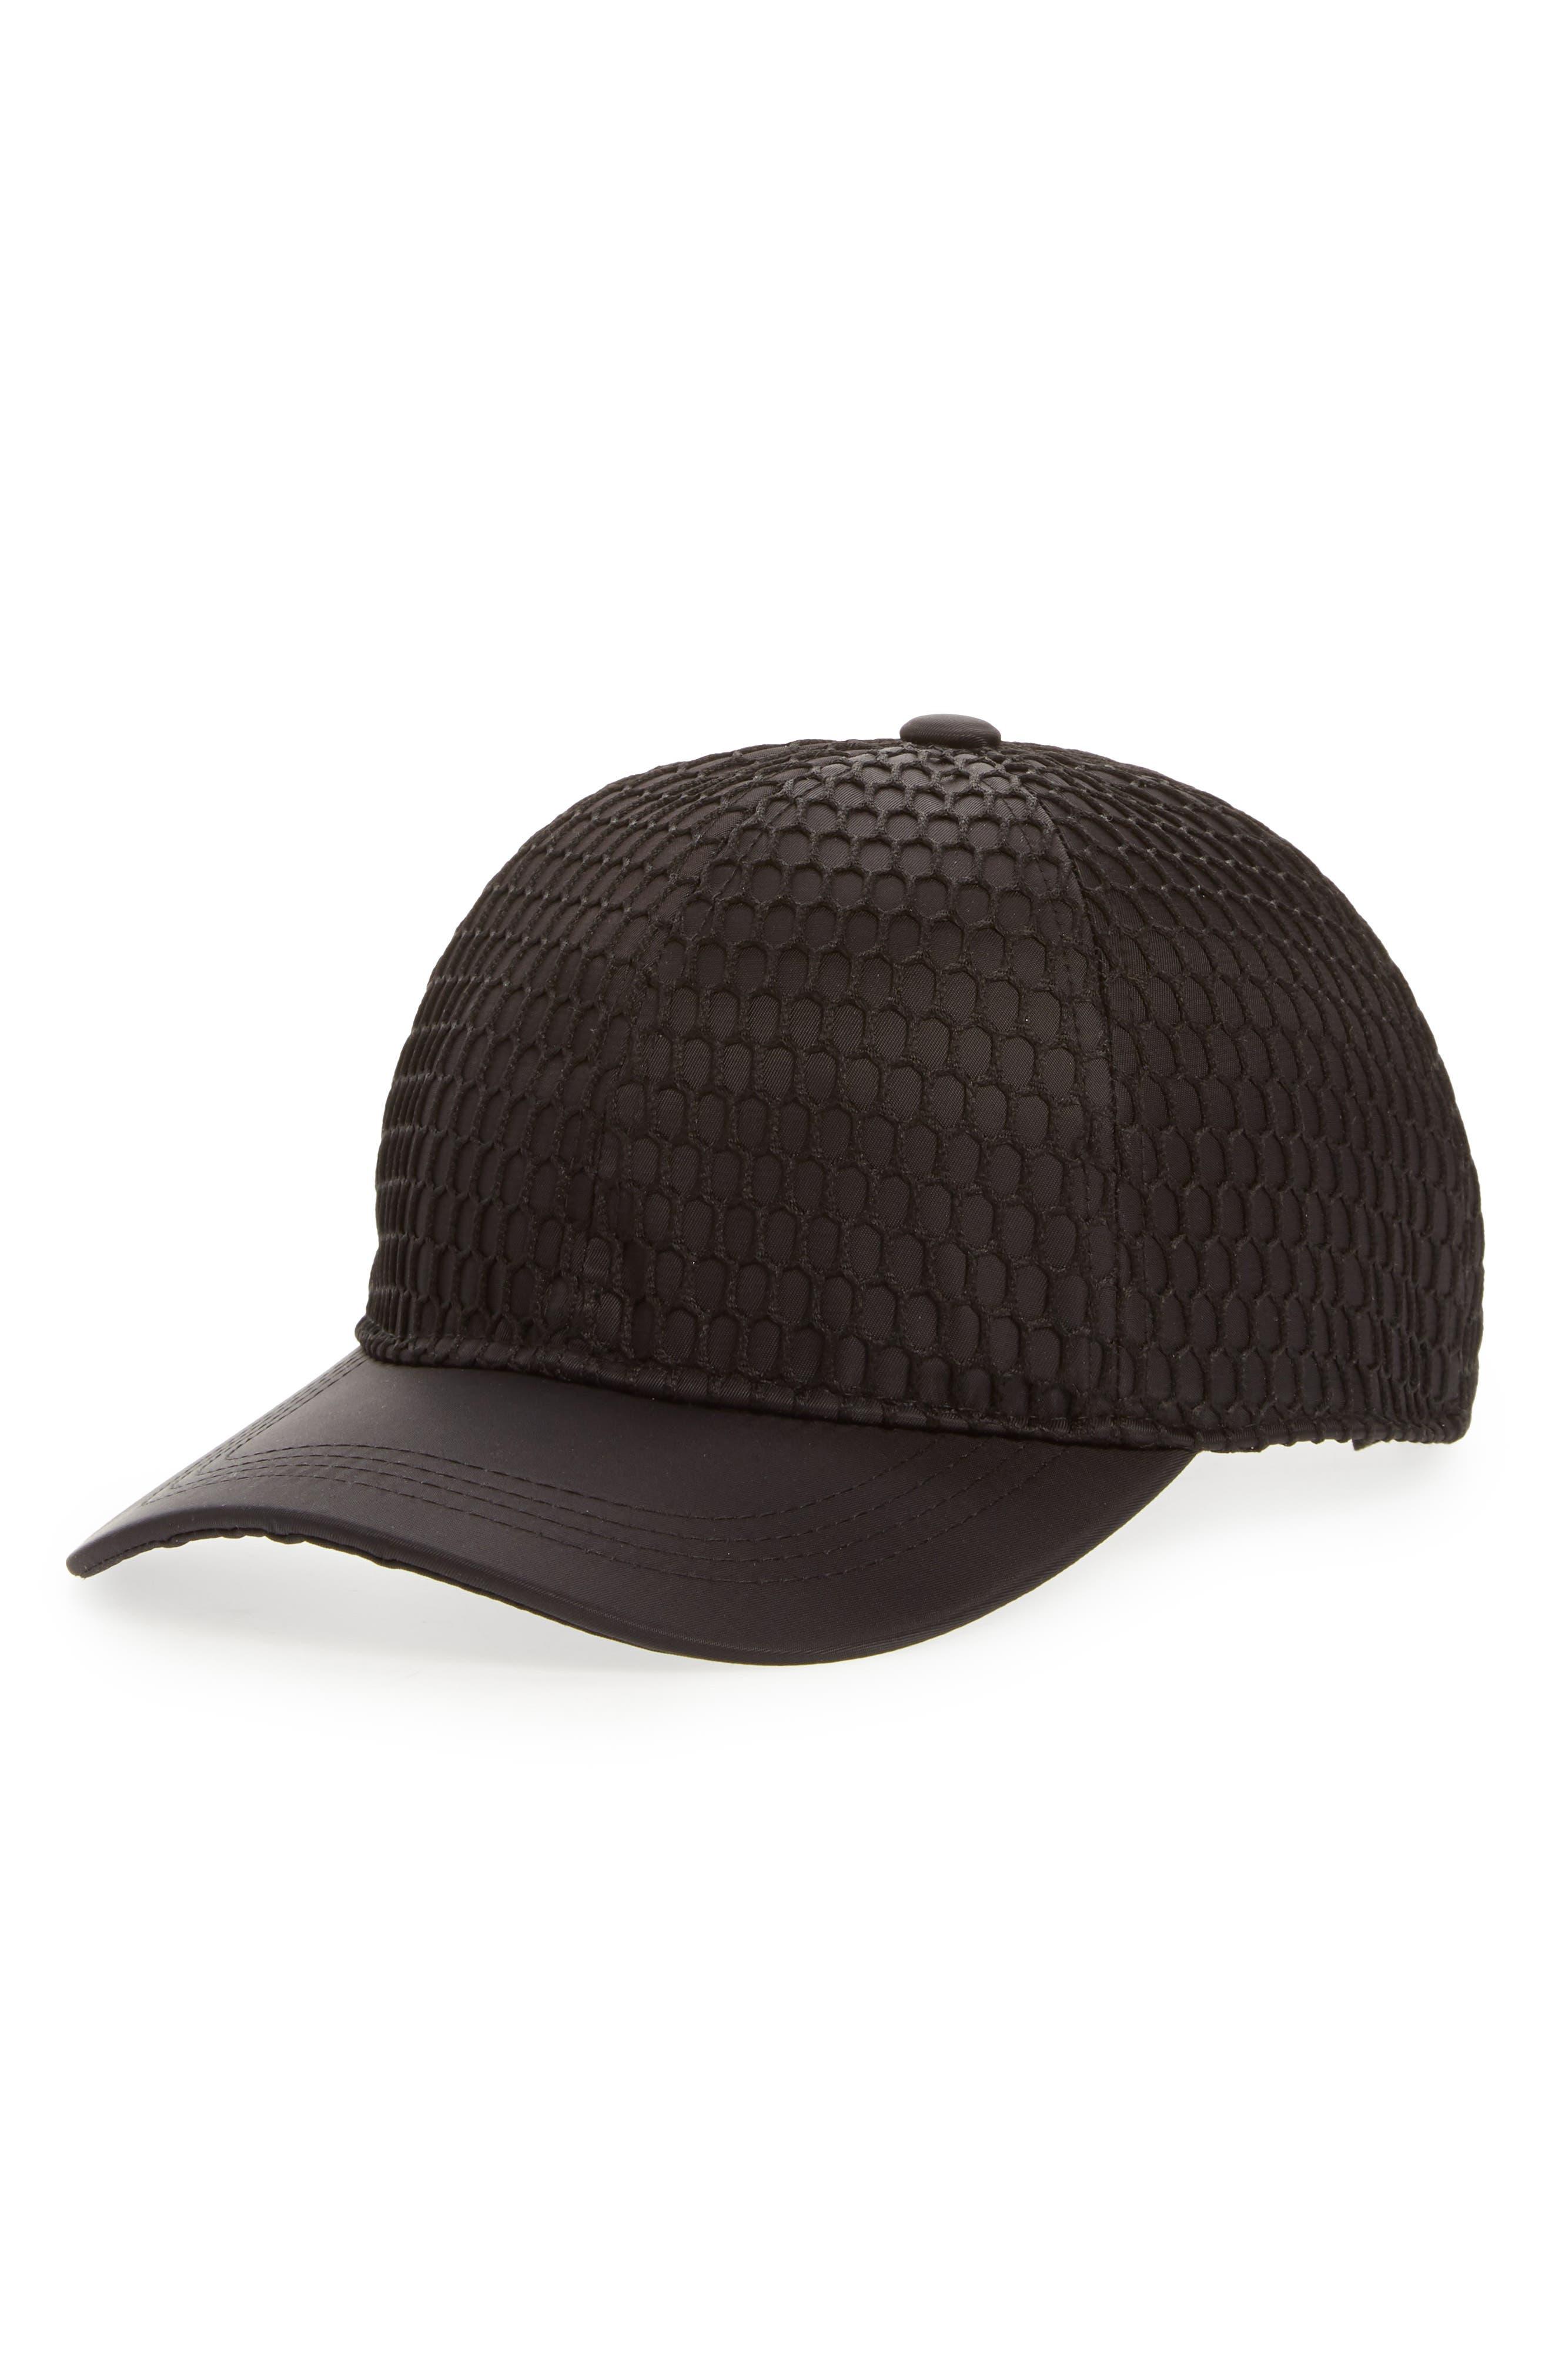 Steve Madden Mesh Crown Baseball Cap